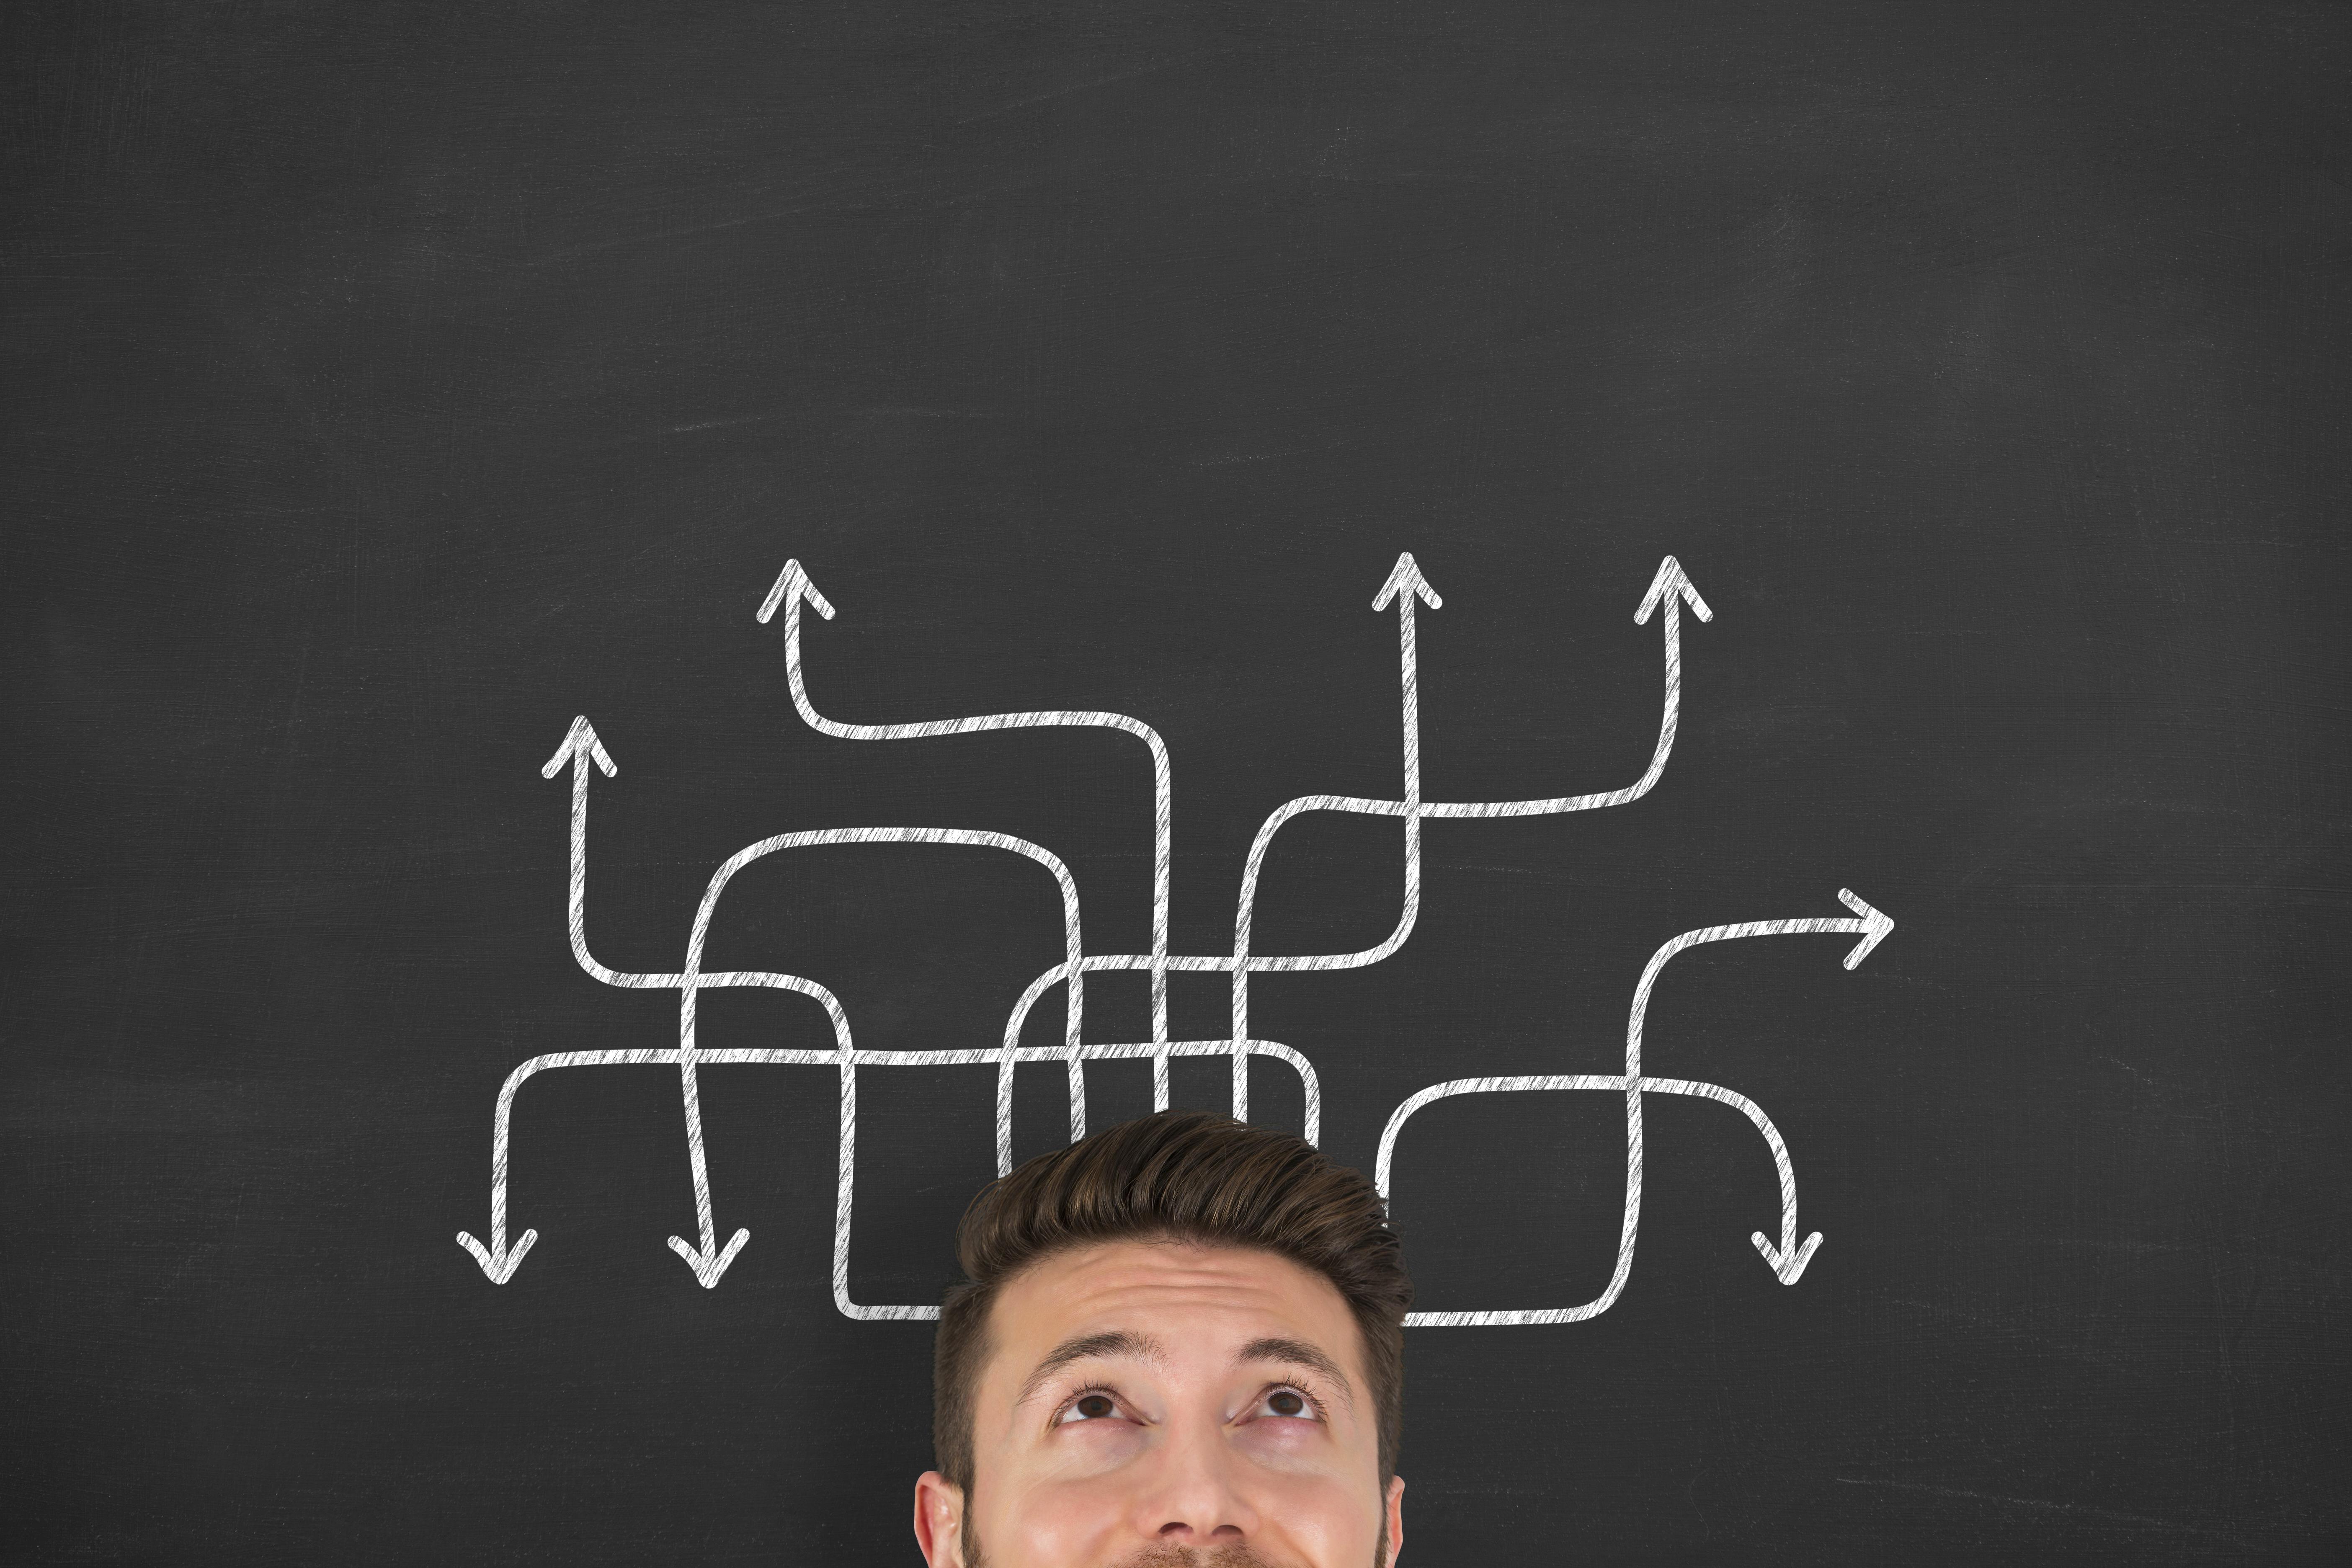 Matéria MBD - Negociação de Dívidas com os Bancos - Planejamento - palavras-chaves: caminhos para negociar, alternativas